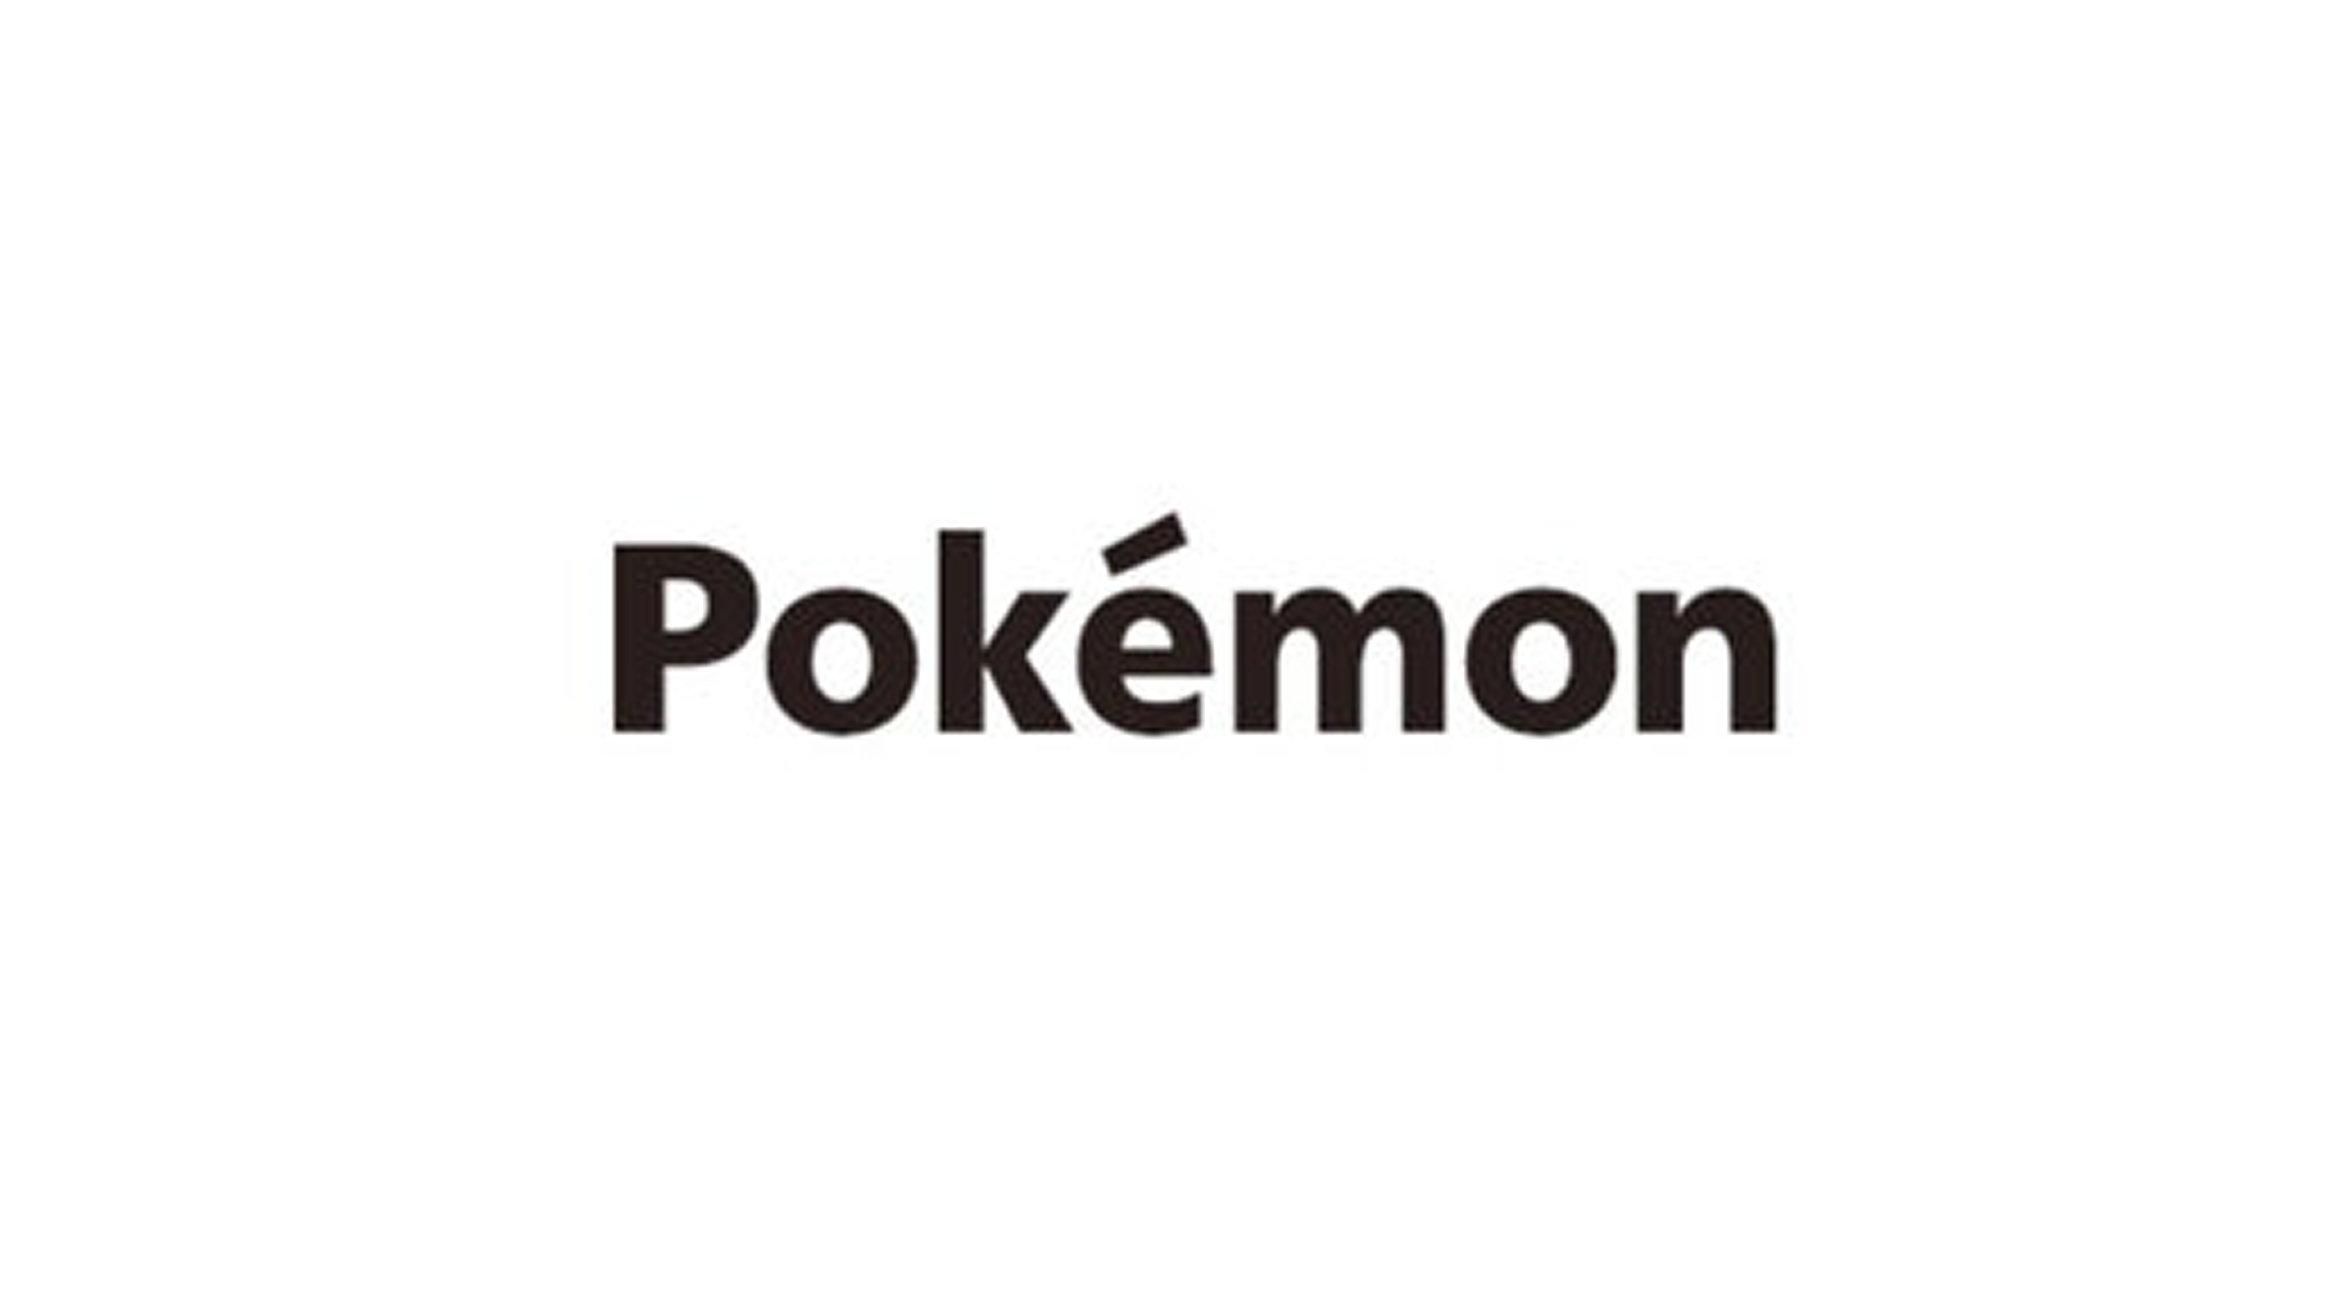 ポケモン新作ゲーム、もうすぐ発表。スマホ大型作品